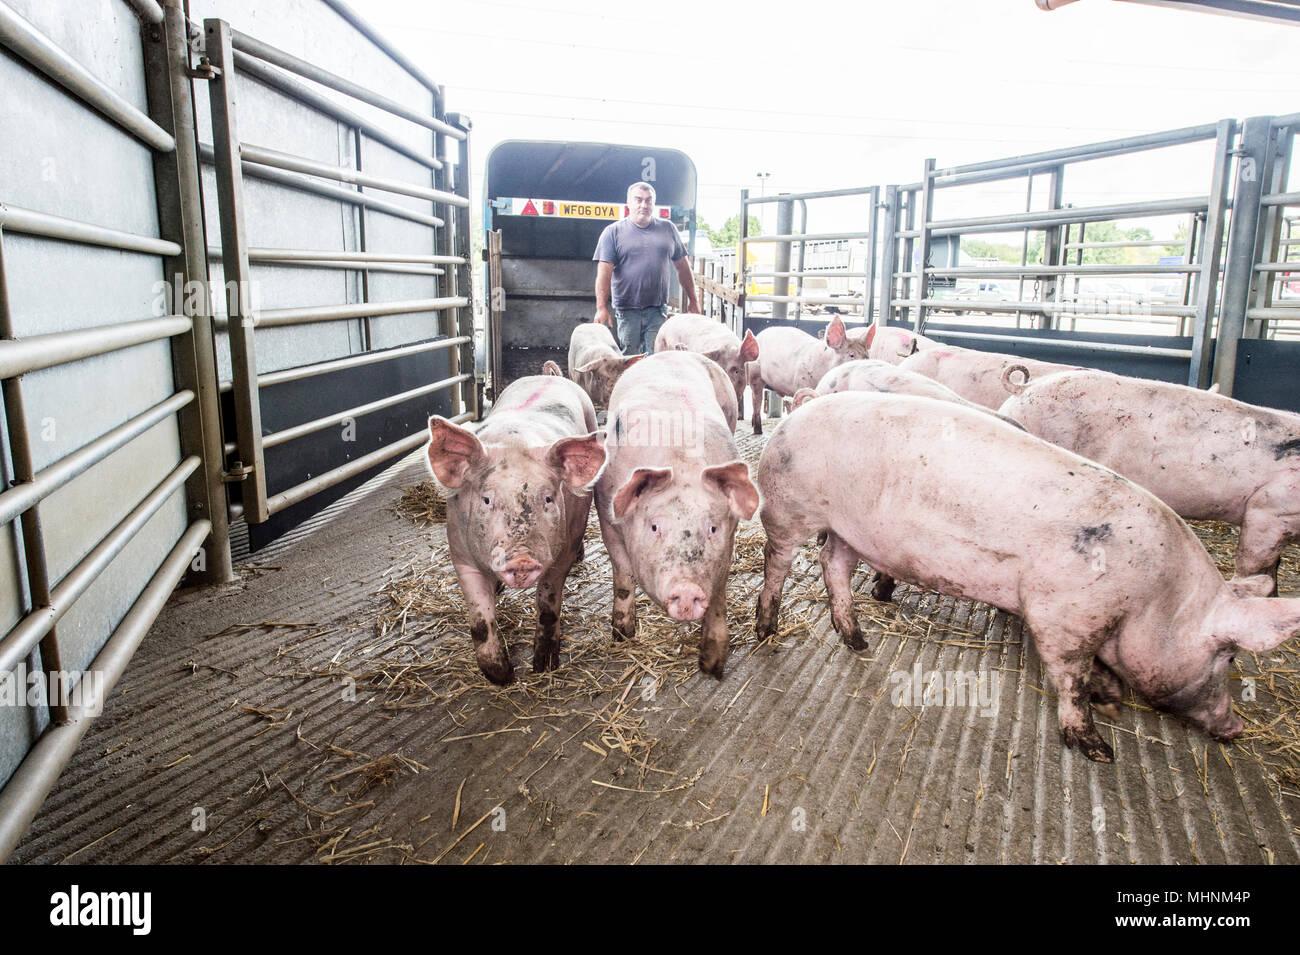 Verbringung von Schweinen auf den Markt Stockbild